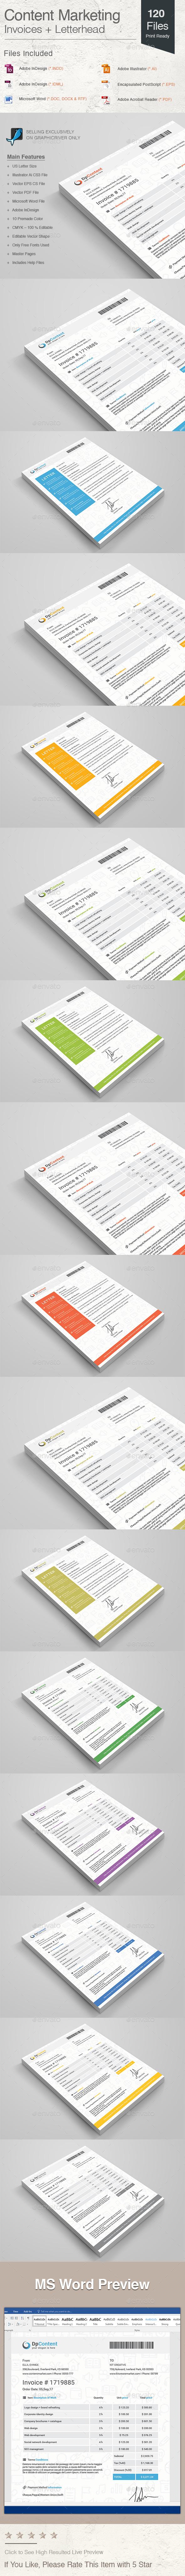 GraphicRiver Content Marketing Invoices & Letterhead 20895566